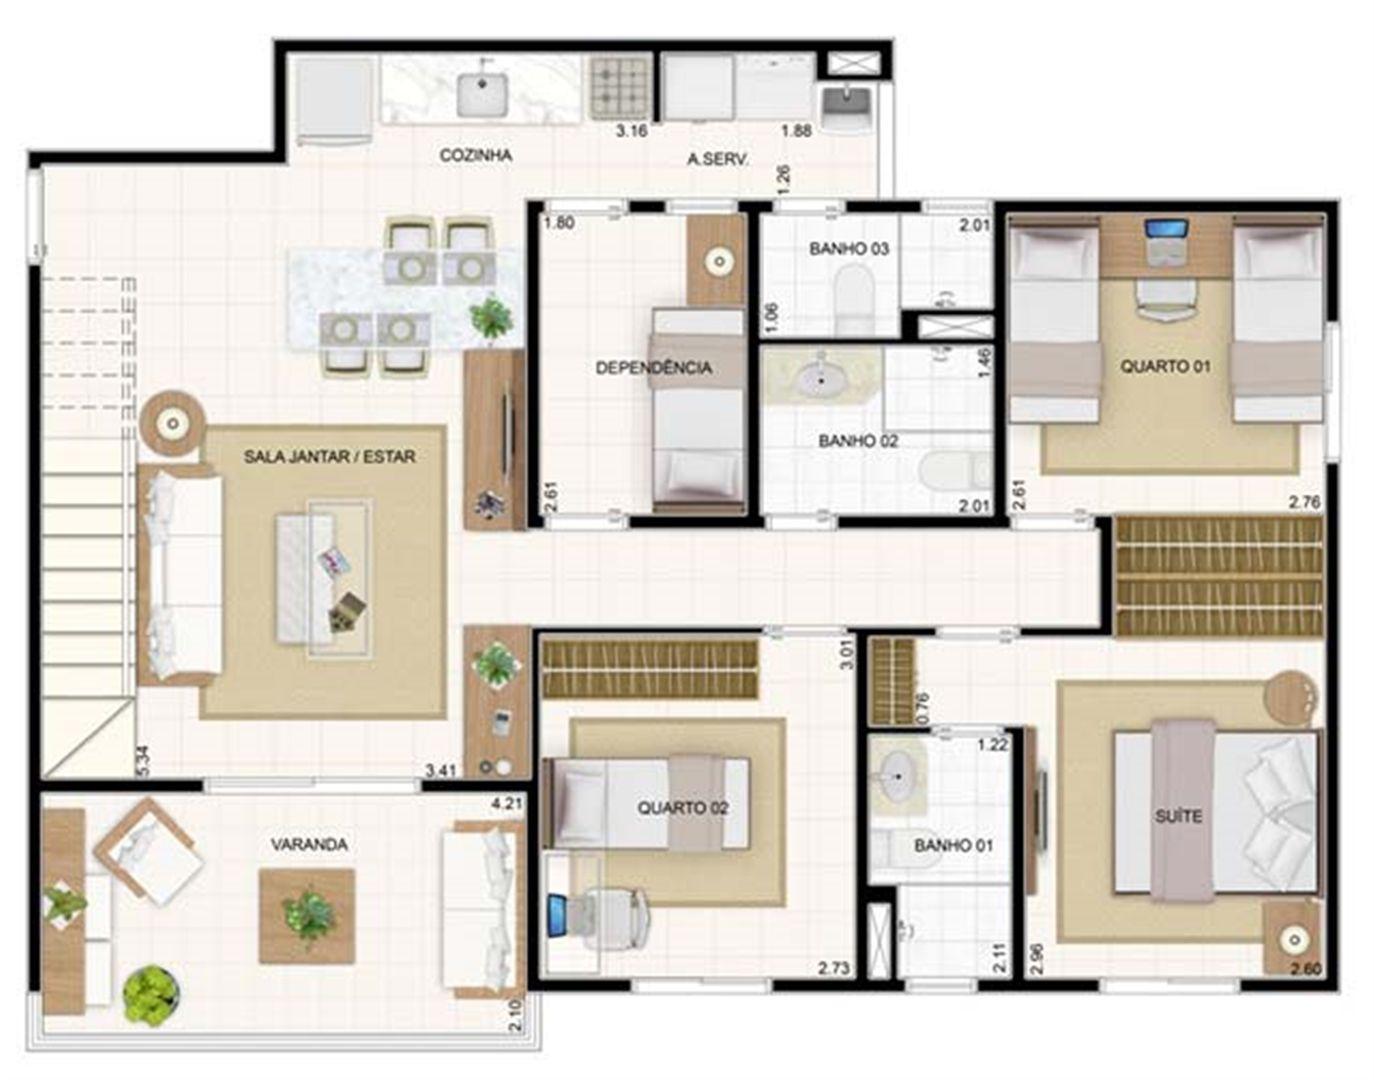 Duplex Inferior 3 dorms 176,57m²   Vita 2 Residencial Clube – Apartamento no  Pitimbu - Natal - Rio Grande do Norte